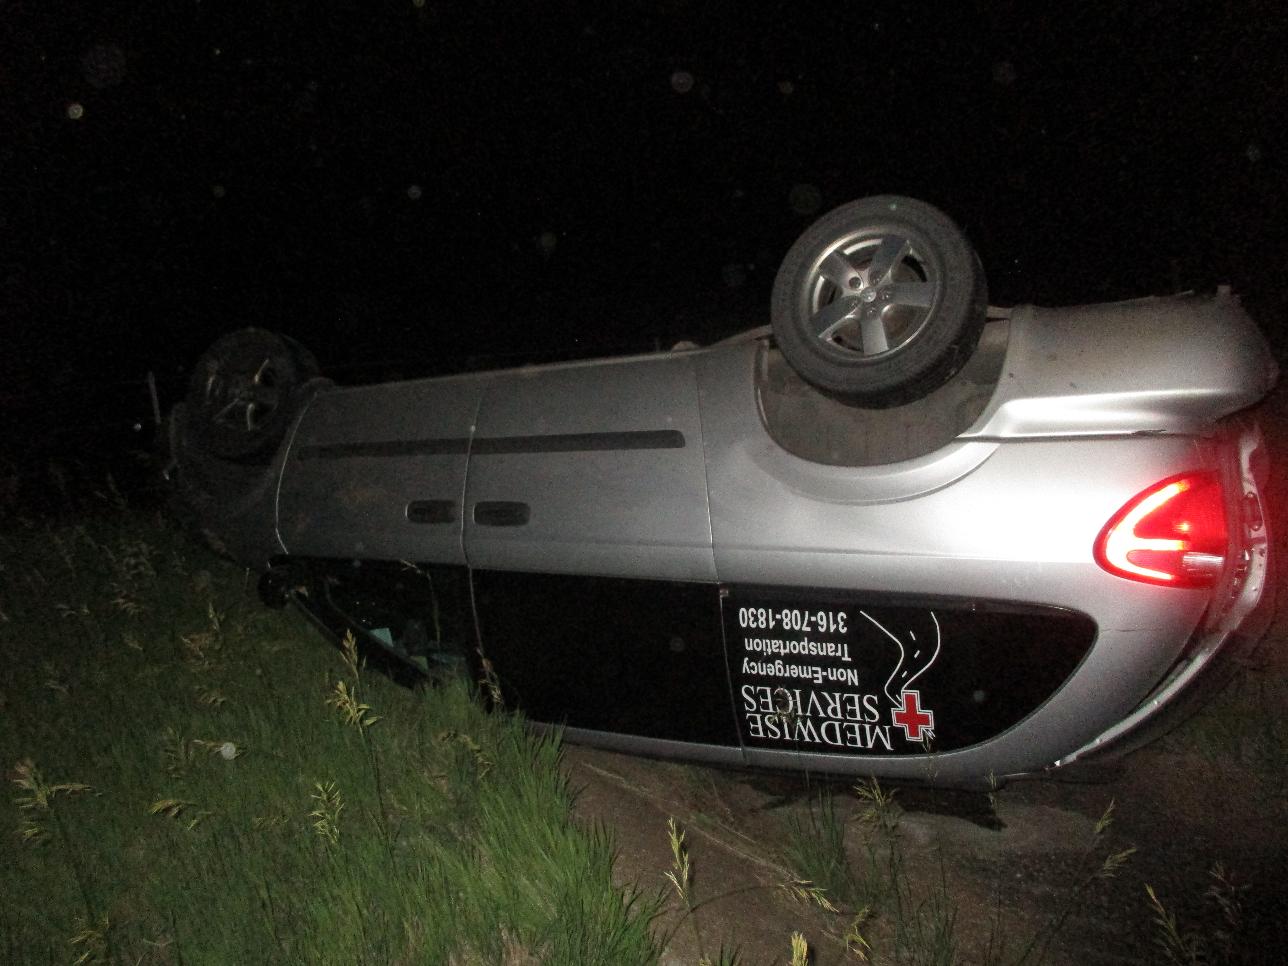 Man Injured in Van vs Deer Crash